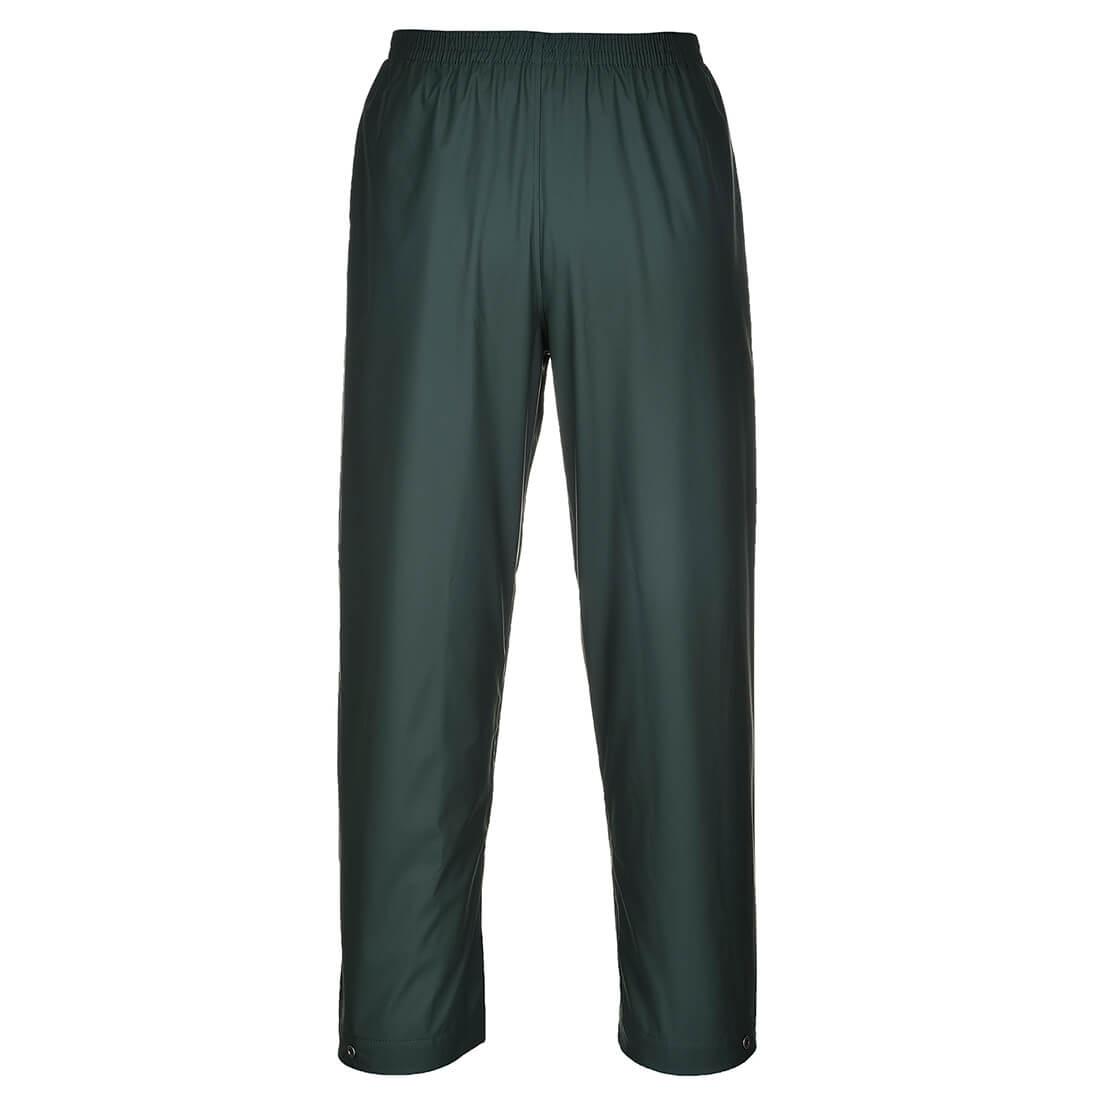 Image of Sealtex Air Mens Waterproof Trousers Olive 2XL